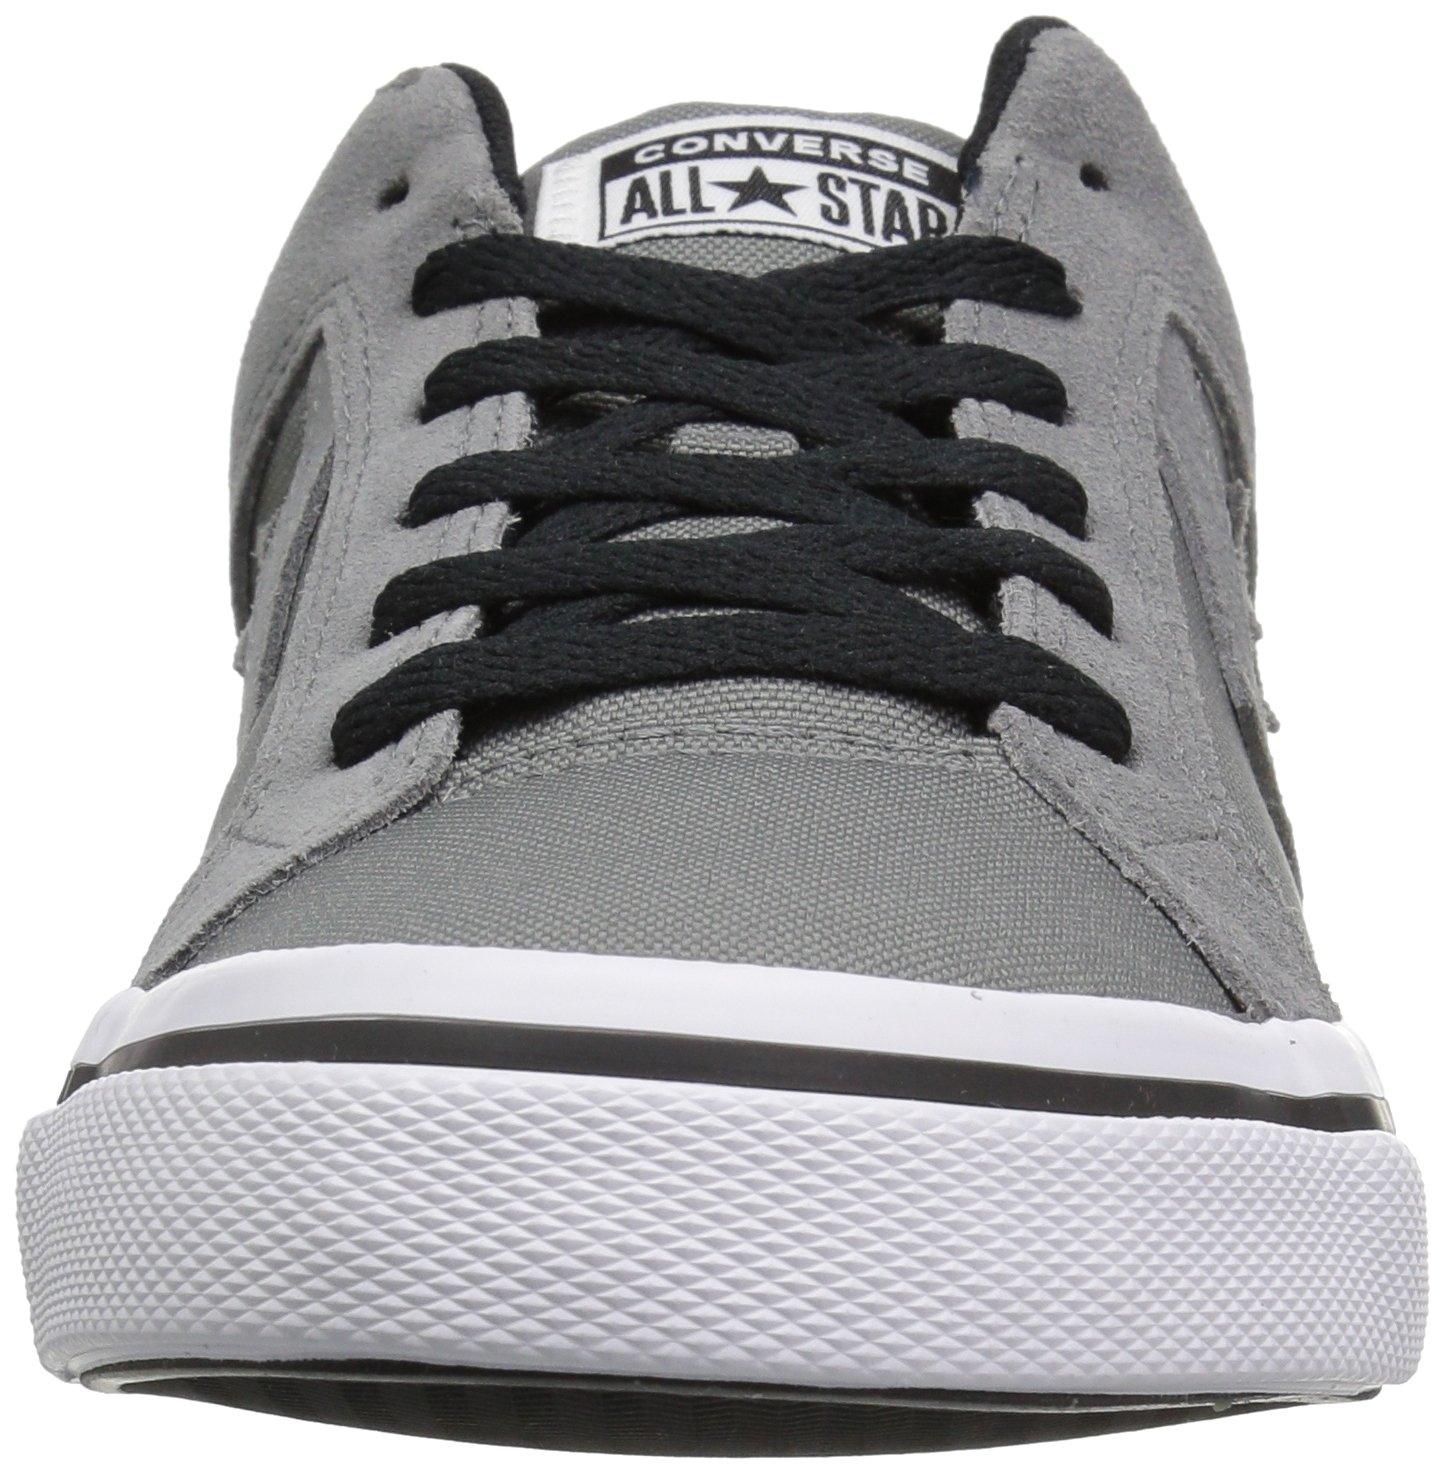 Converse EL Distrito Canvas Low Top Sneaker, Mason/White/Black, 12 M US by Converse (Image #4)